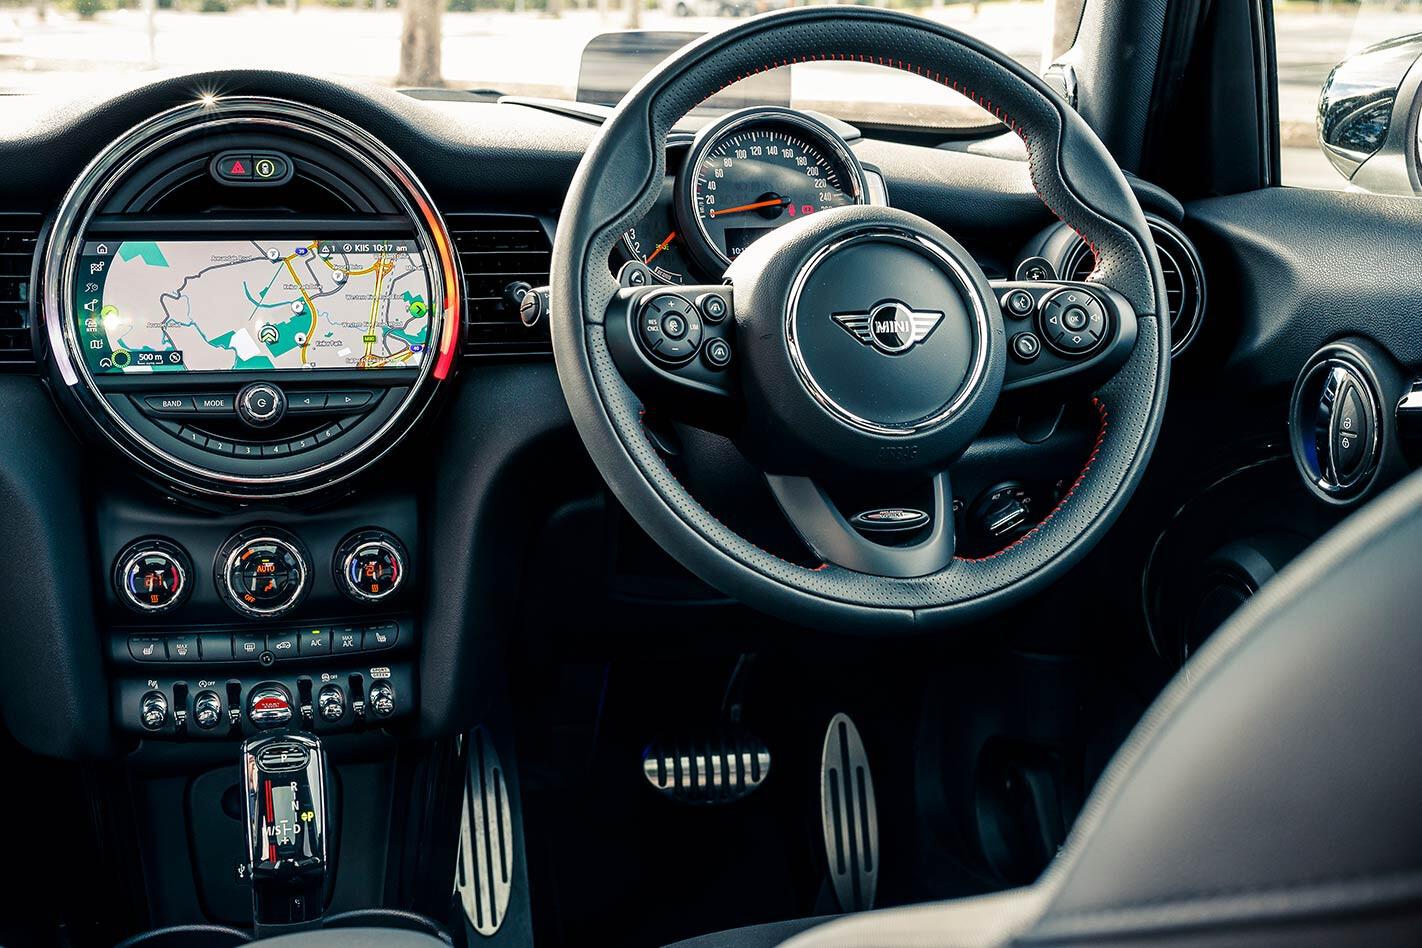 Mini Cooper S dash